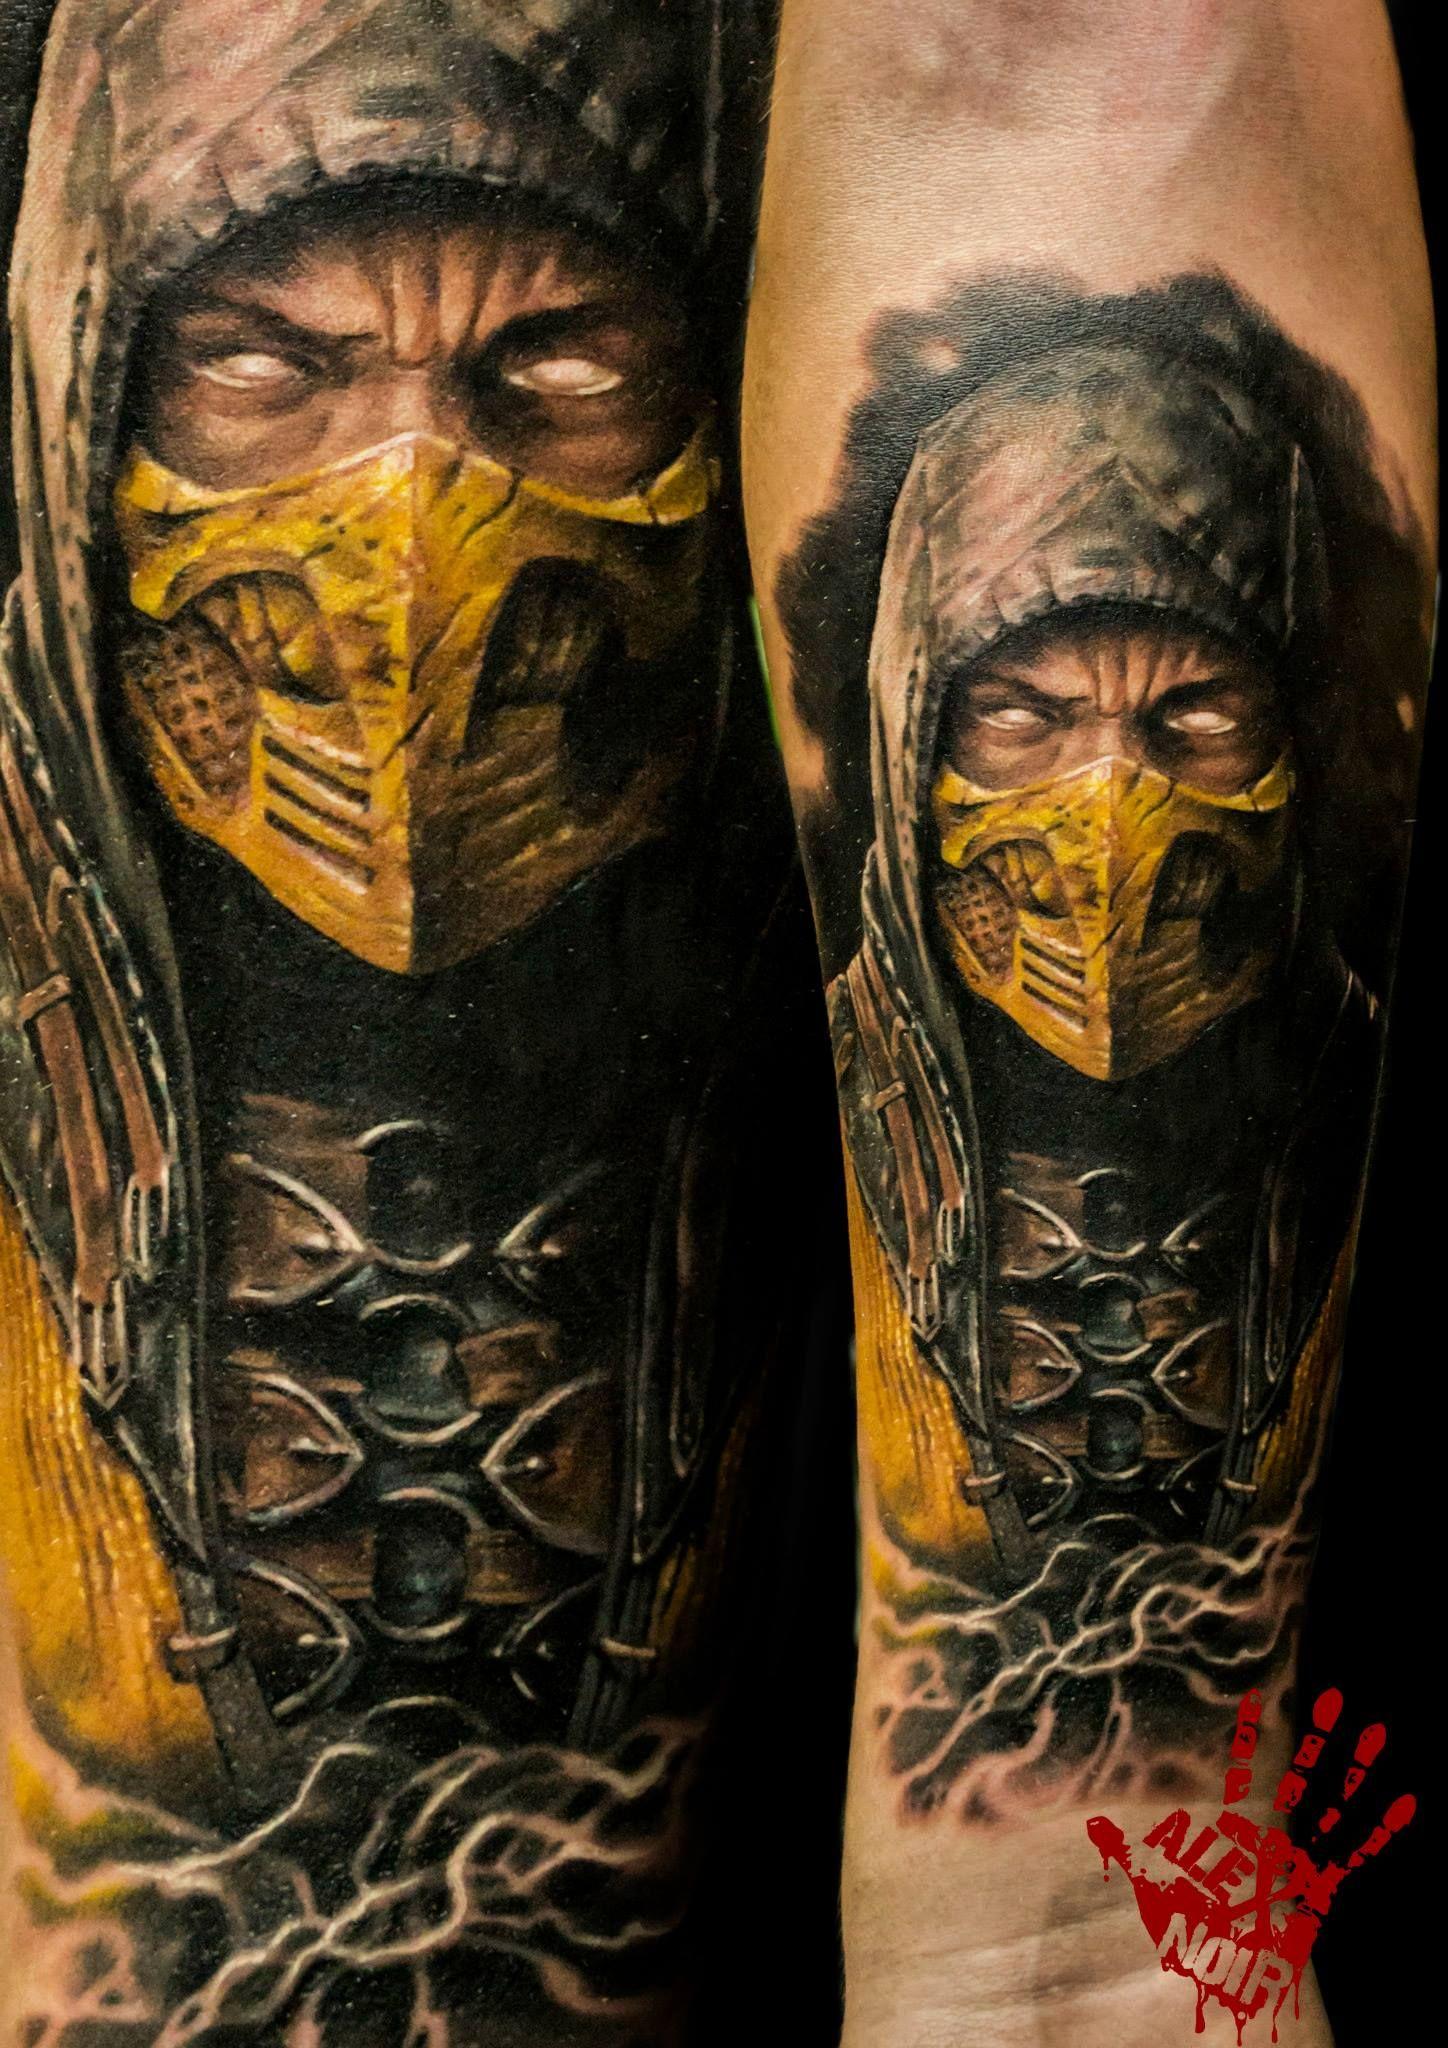 Scorpion Mortal Kombat Mortal Kombat Tattoo Scorpion Tattoo Scorpion Mortal Kombat